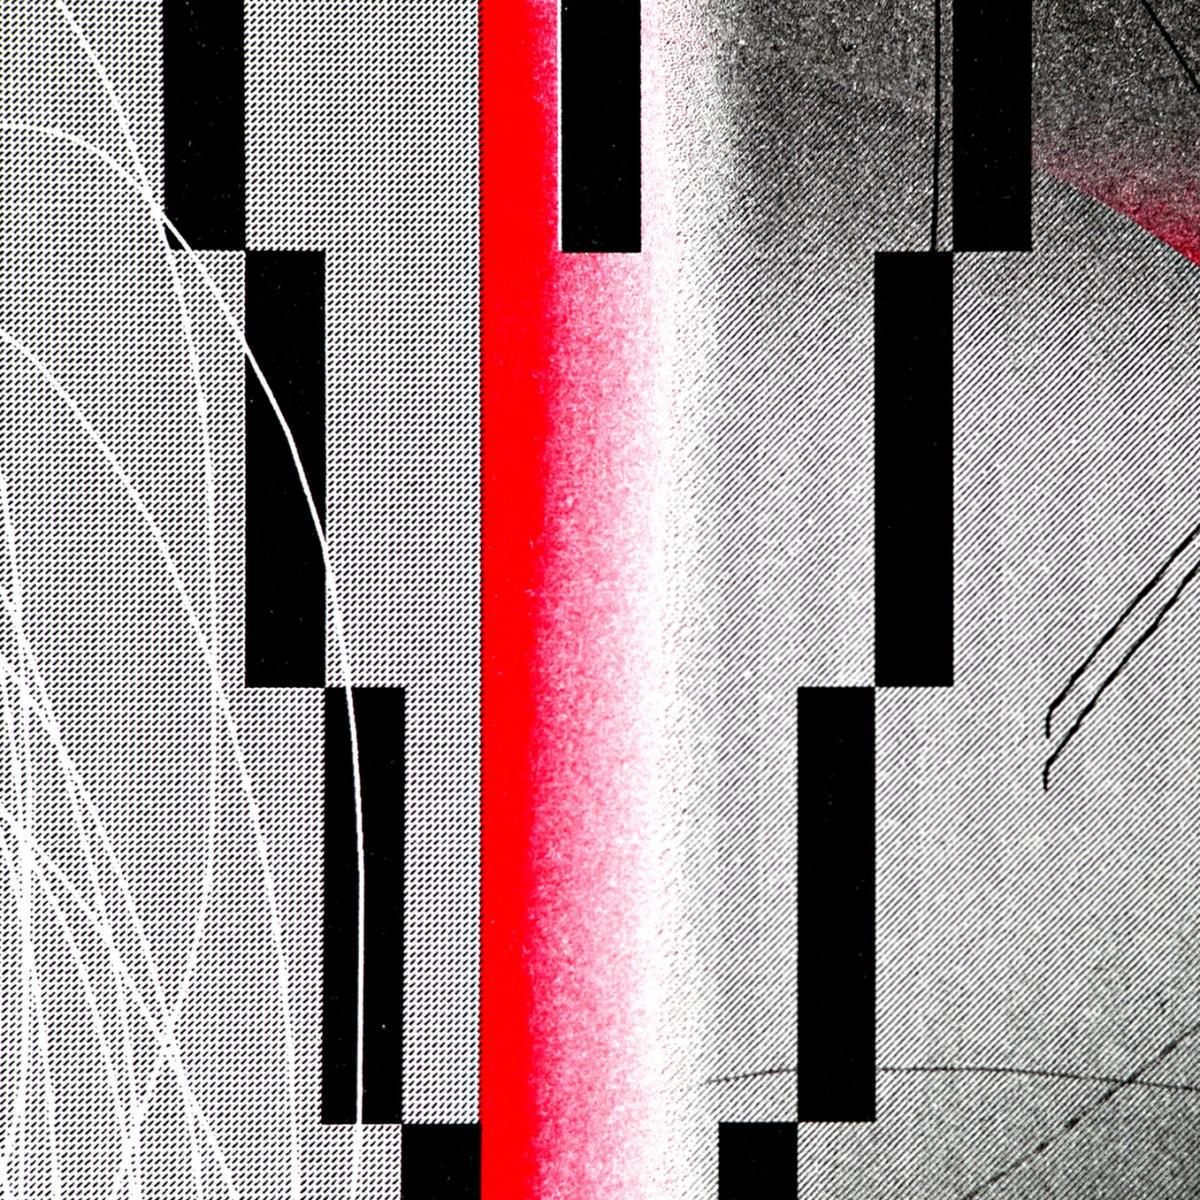 Black Matter – EVERYDAY ORNAMENTS Design Monats Kalender 2020/ 13 Kunstdrucke von internationalen Künstlern/ DIN A3 in leuchtenden Farben im Siebdruck-Stil